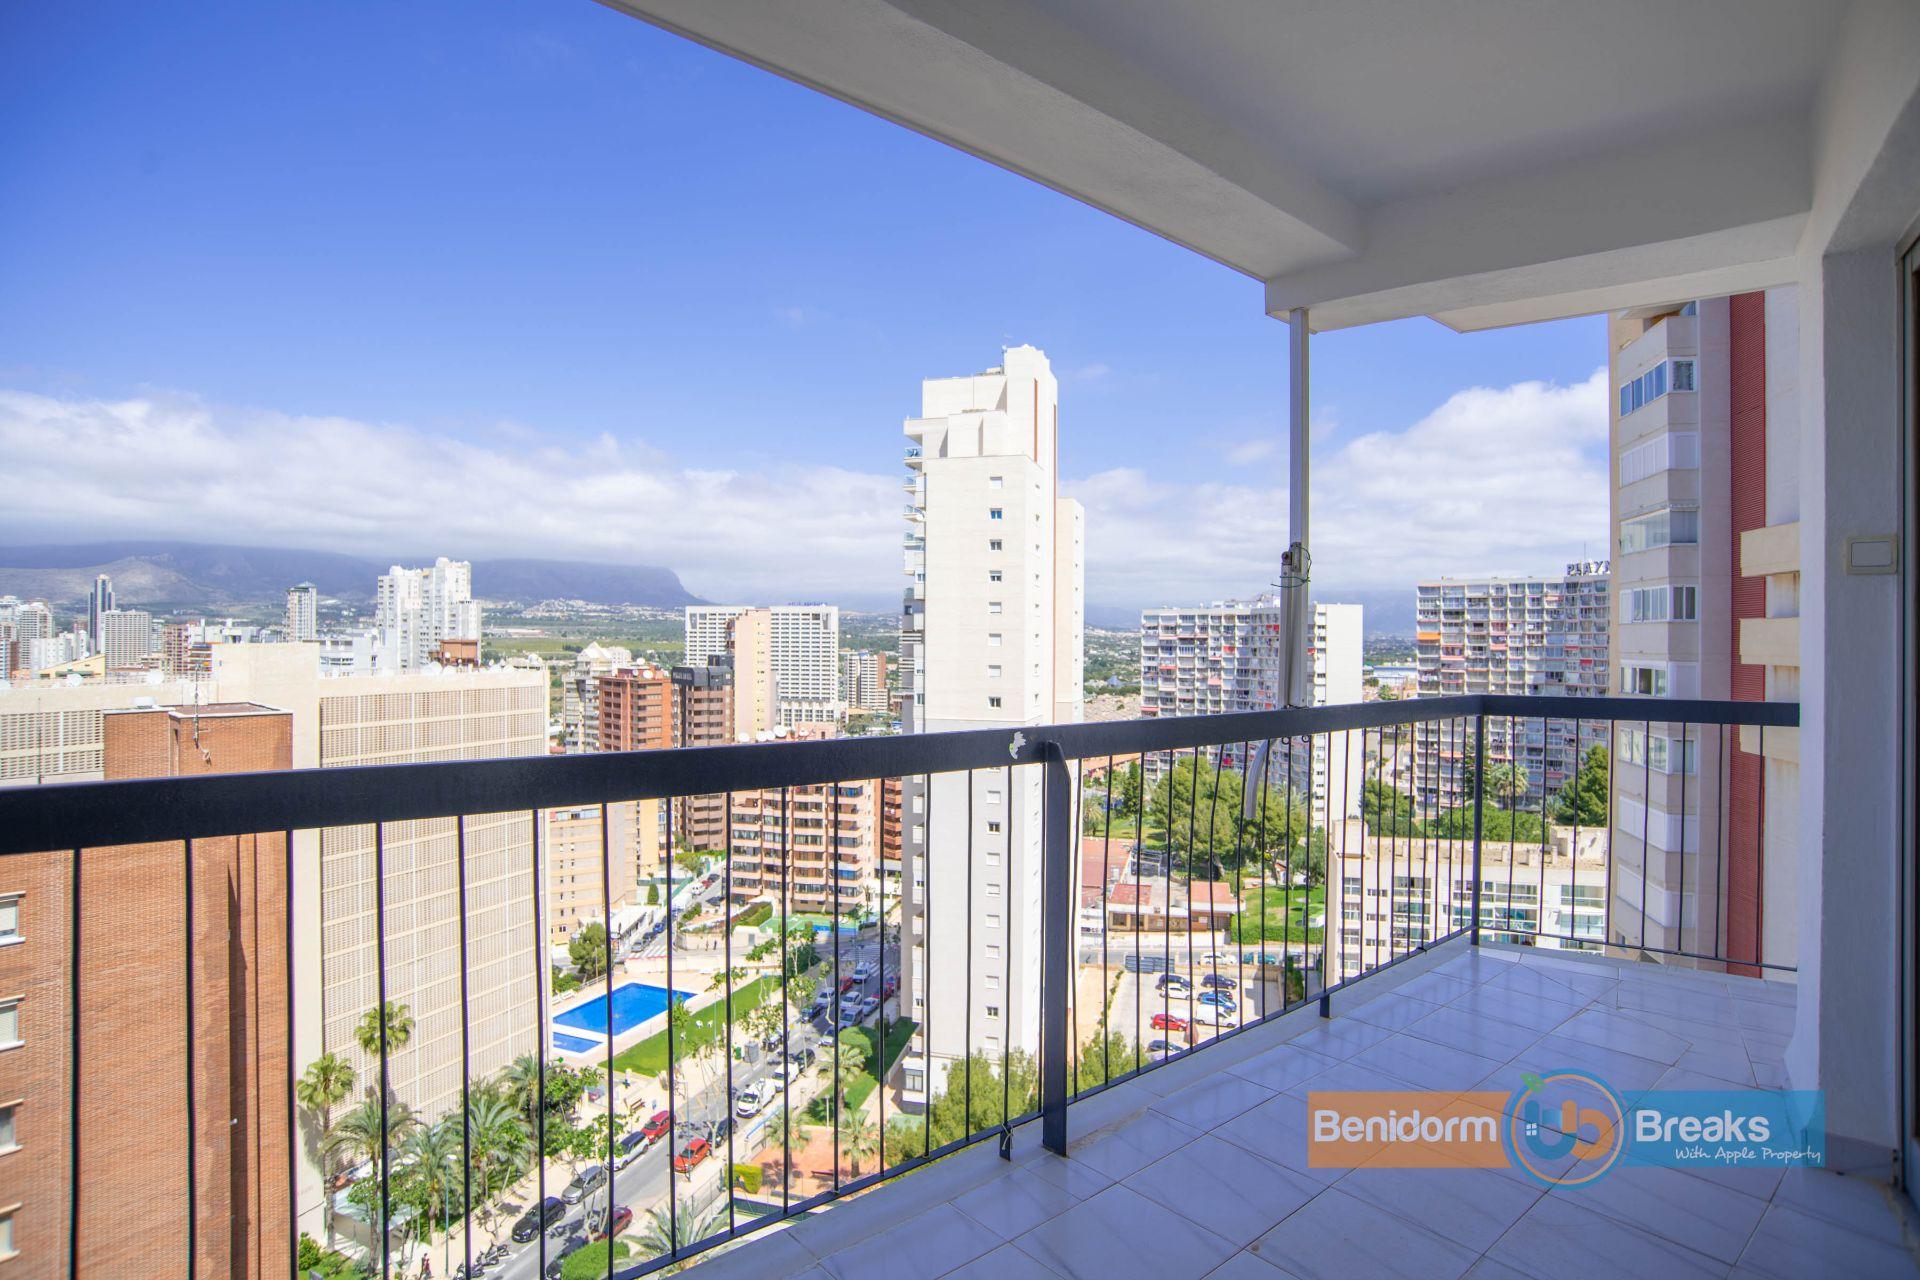 Apartamento en Benidorm, alquiler vacacional